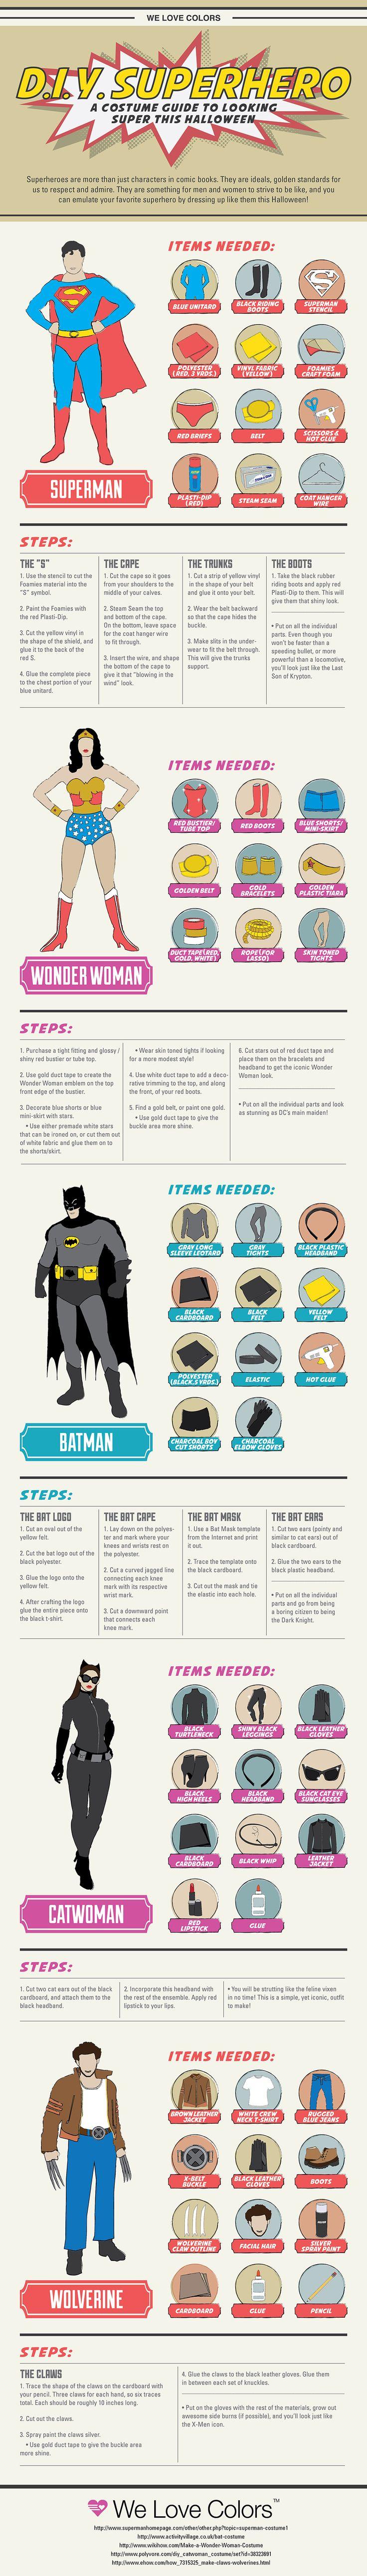 D.I.Y. Superhero Costumes #infographic                                                                                                                                                                                 Más